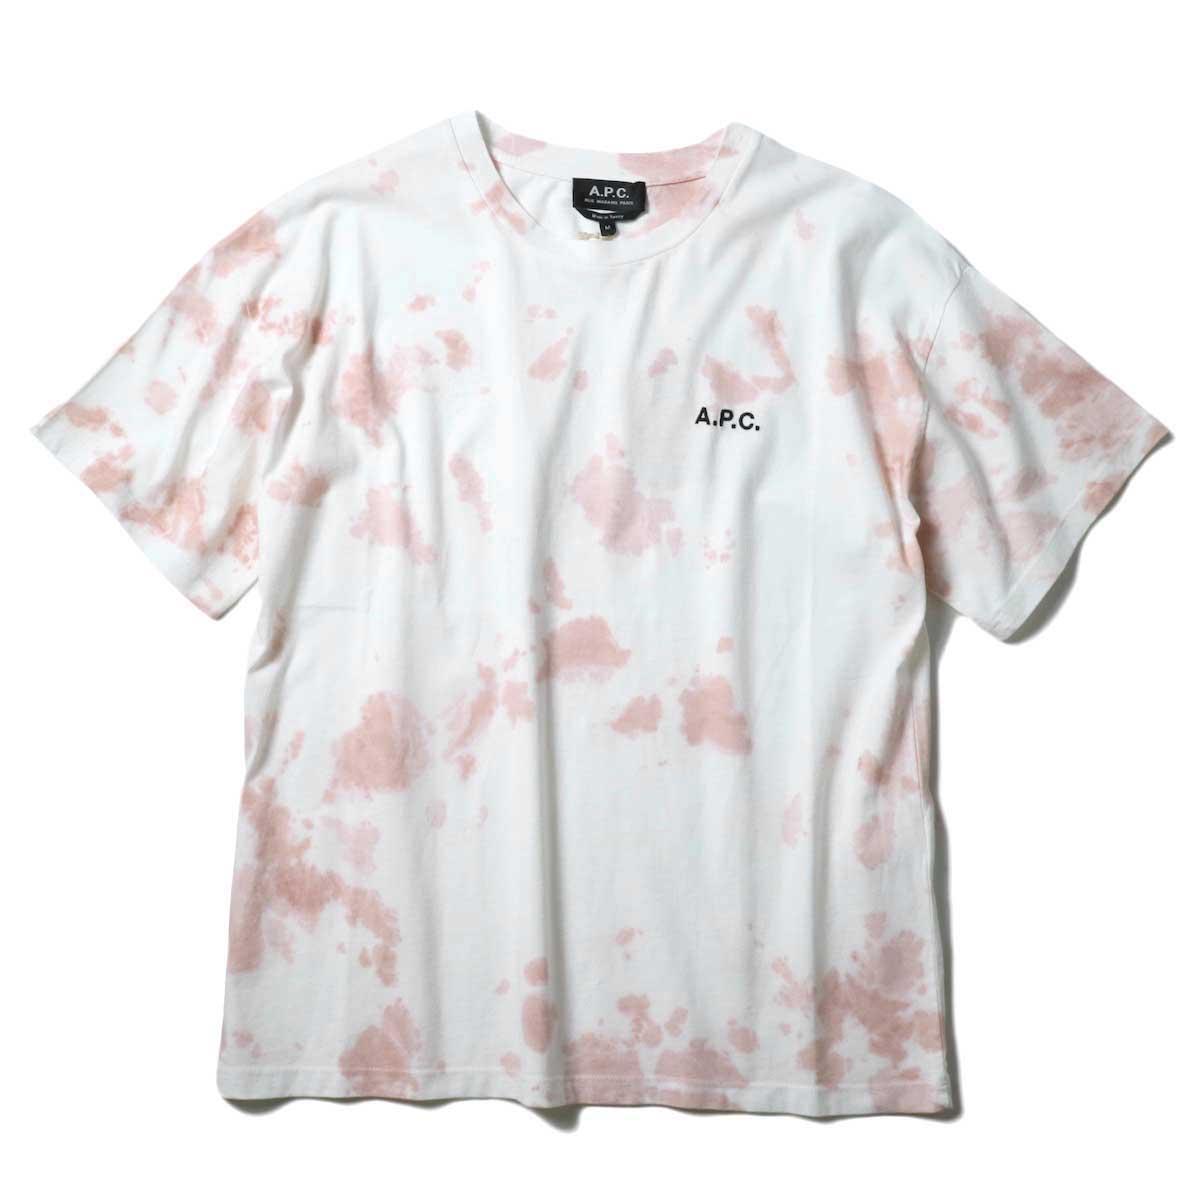 A.P.C. / Cassie Tシャツ